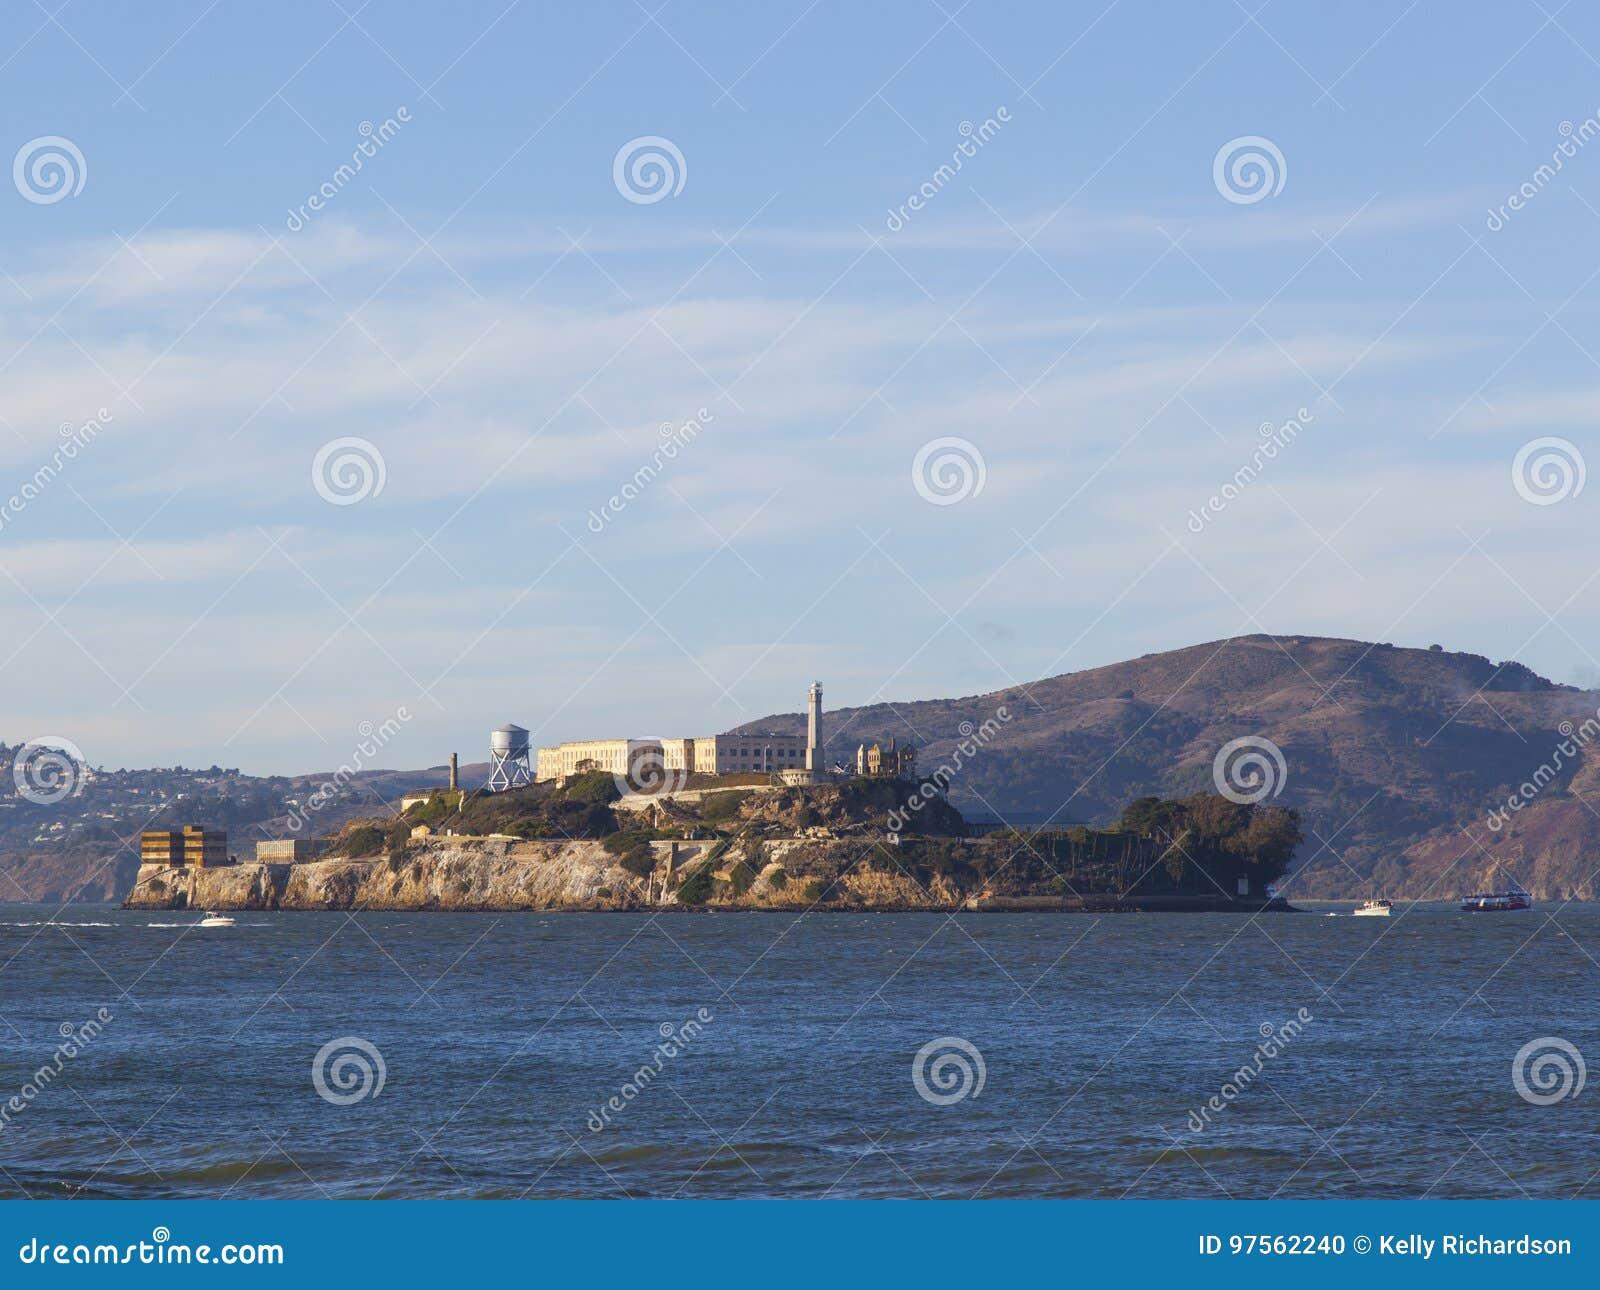 阿尔卡特拉斯岛联邦监狱,旧金山湾